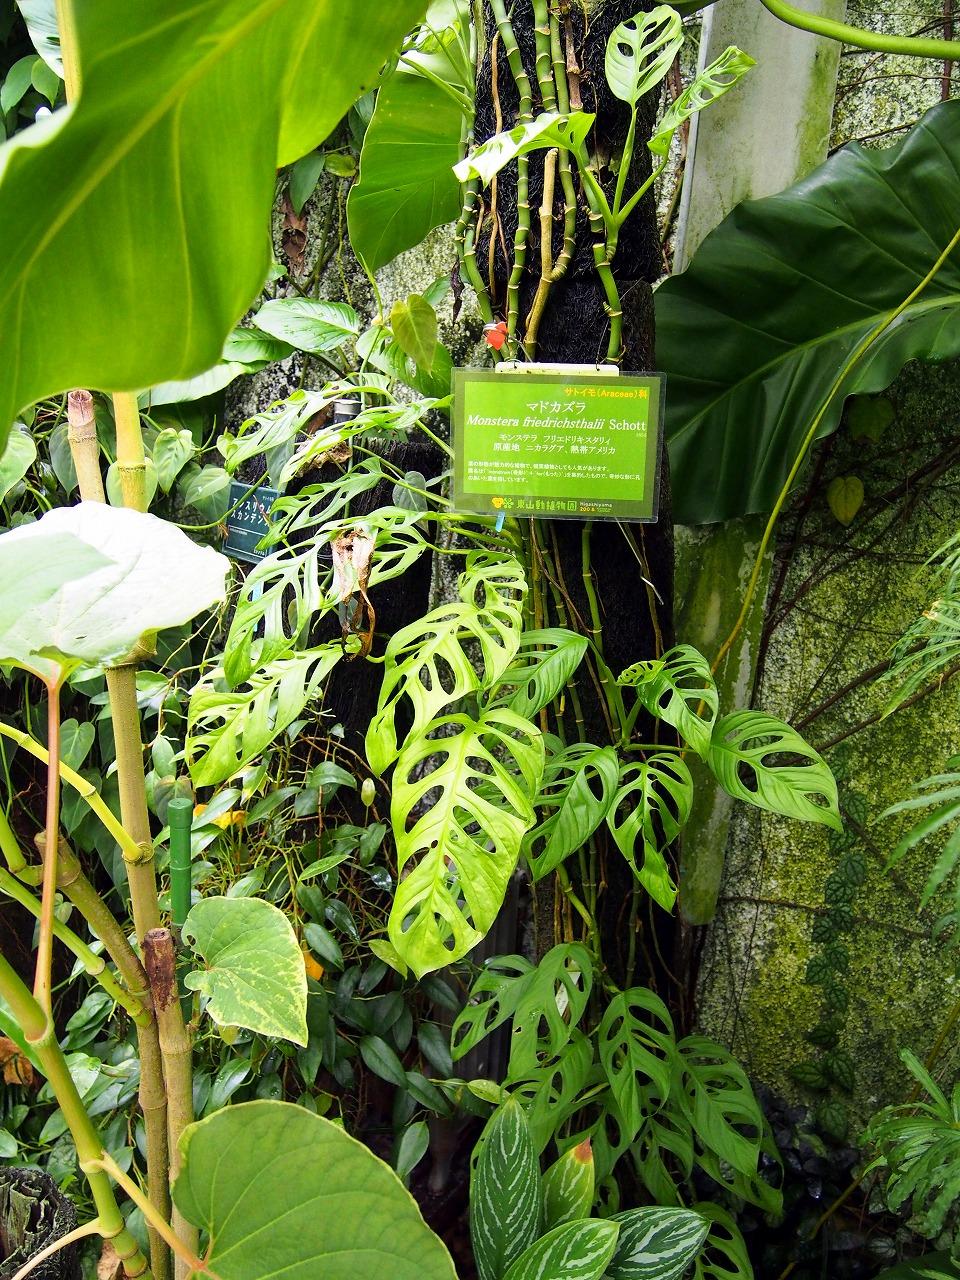 BotanicalGarden95_20141115.jpg